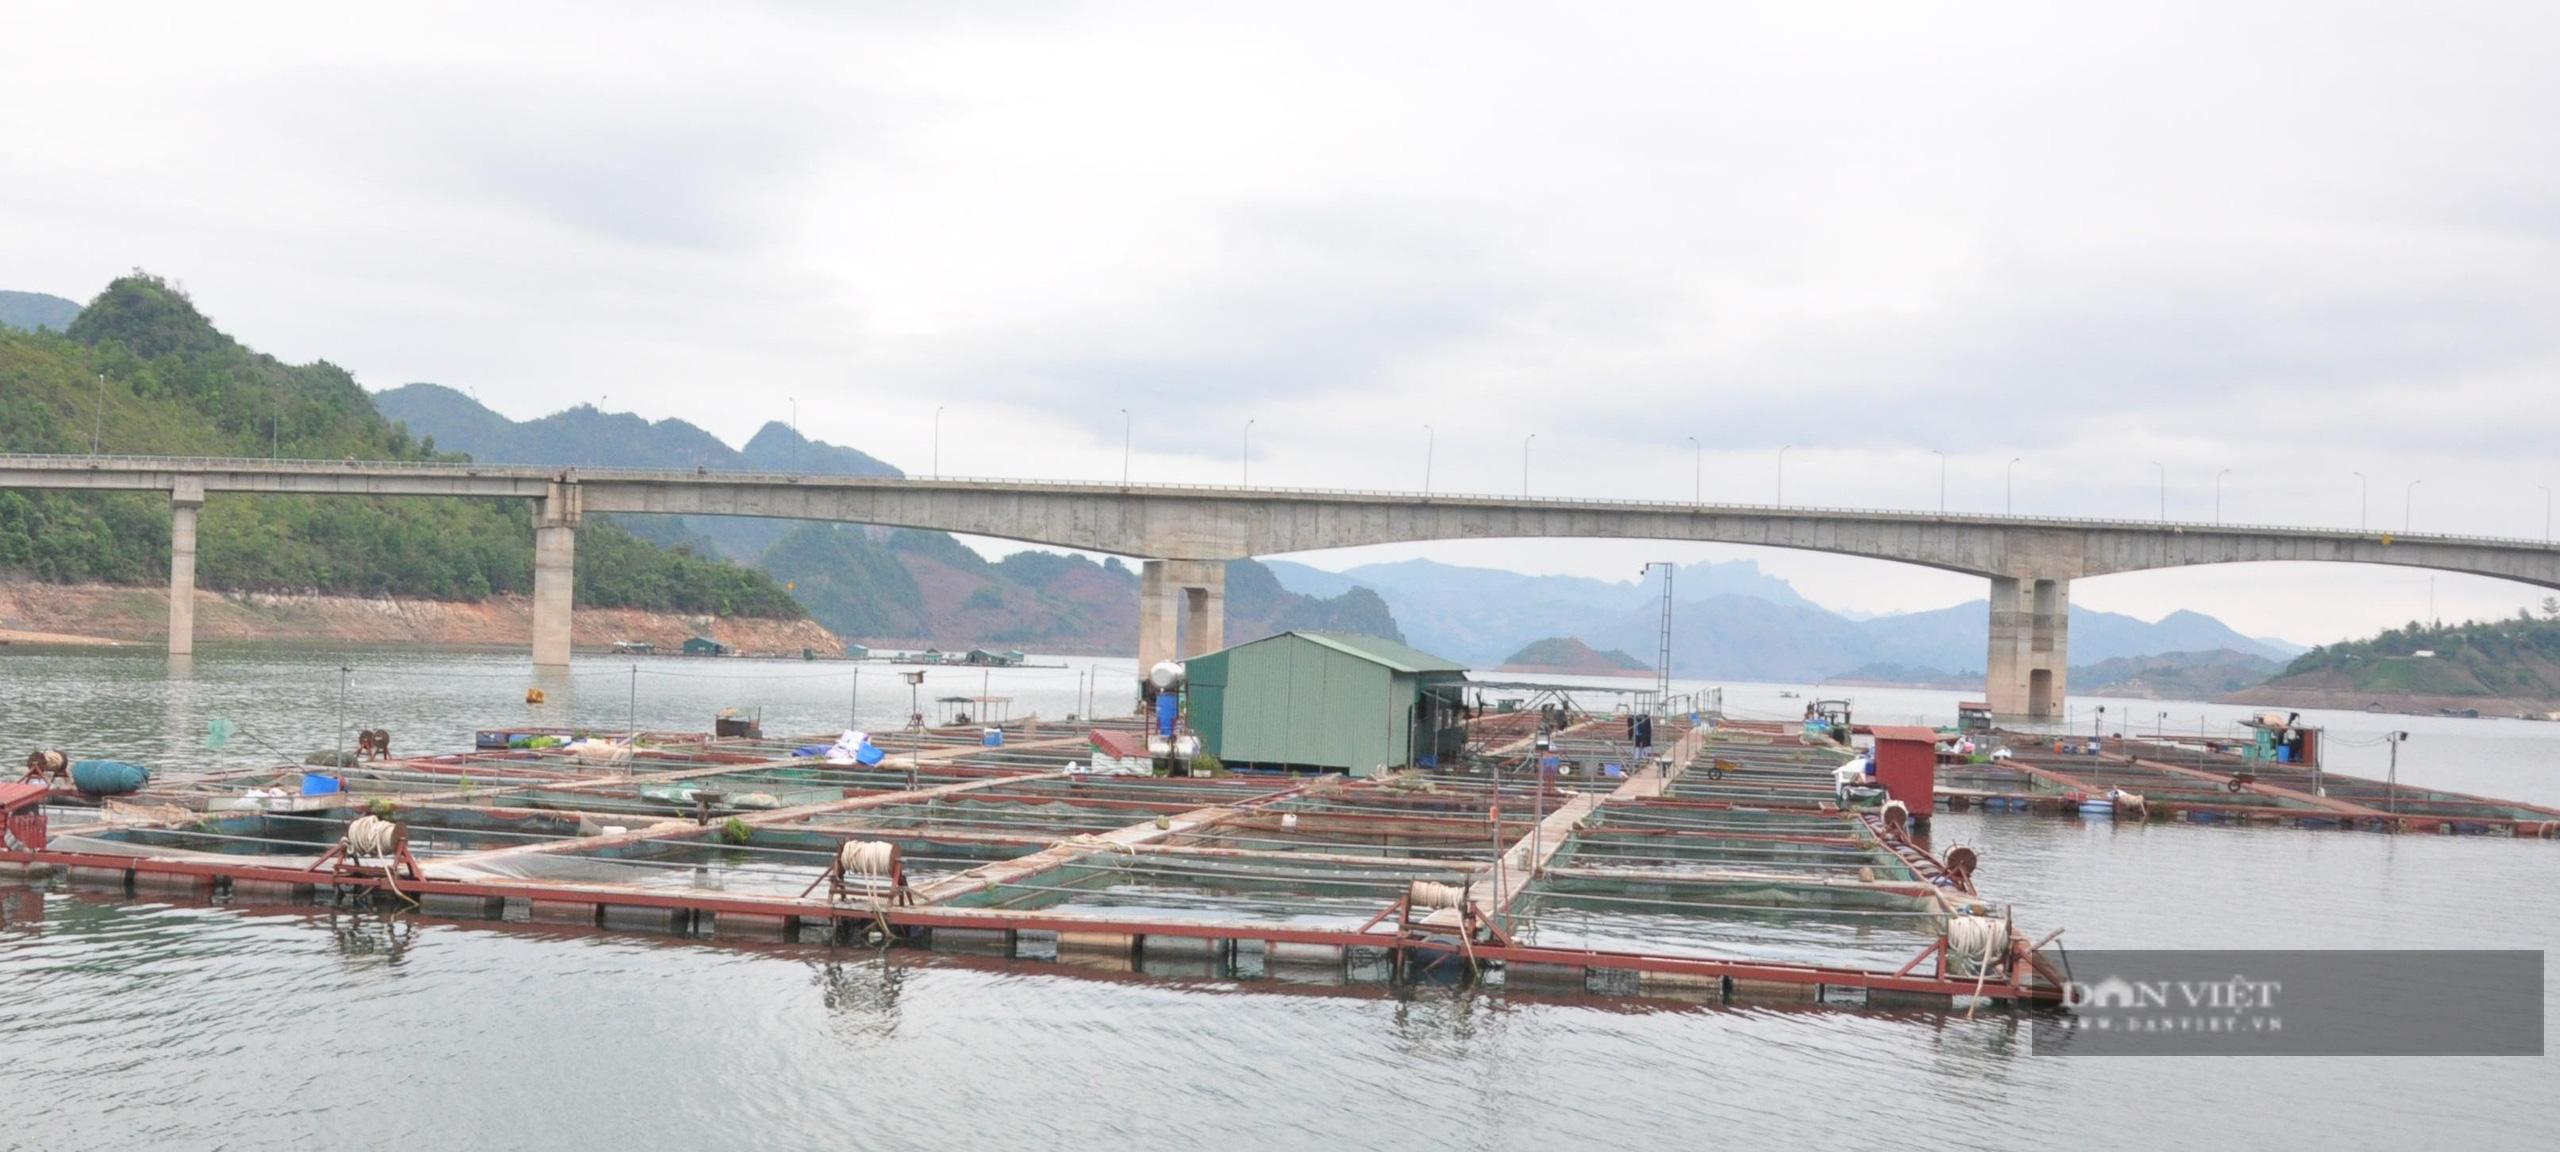 Ảnh hưởng Covid - 19, trăm tấn cá đặc sản ế ẩm, người dân Sơn La thiệt đơn, thiệt kép - Ảnh 1.